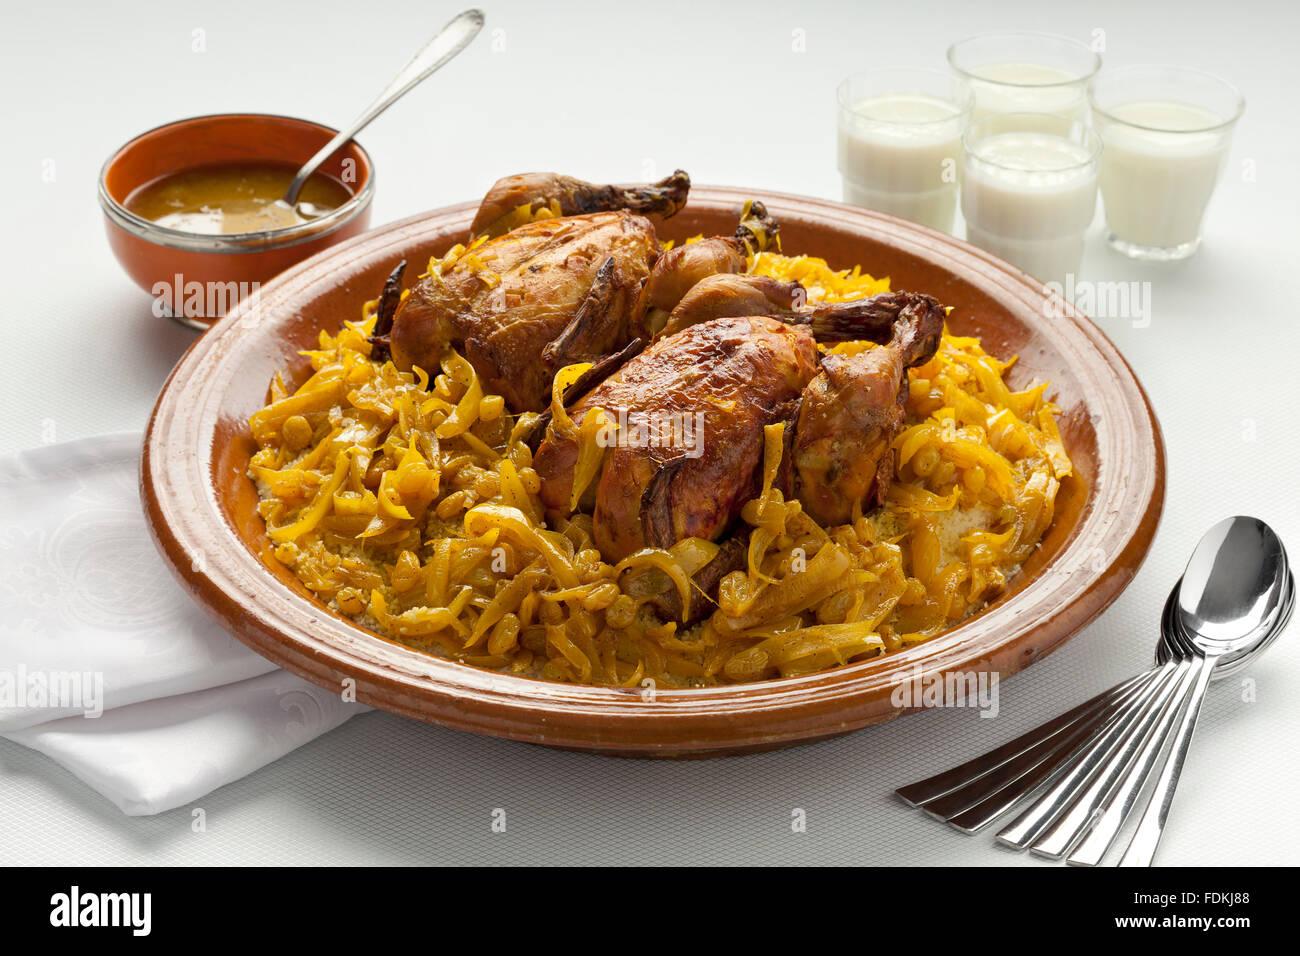 Tfaya Couscous Marocain, Couscous au poulet et aux oignons caramélisés, amandes Photo Stock